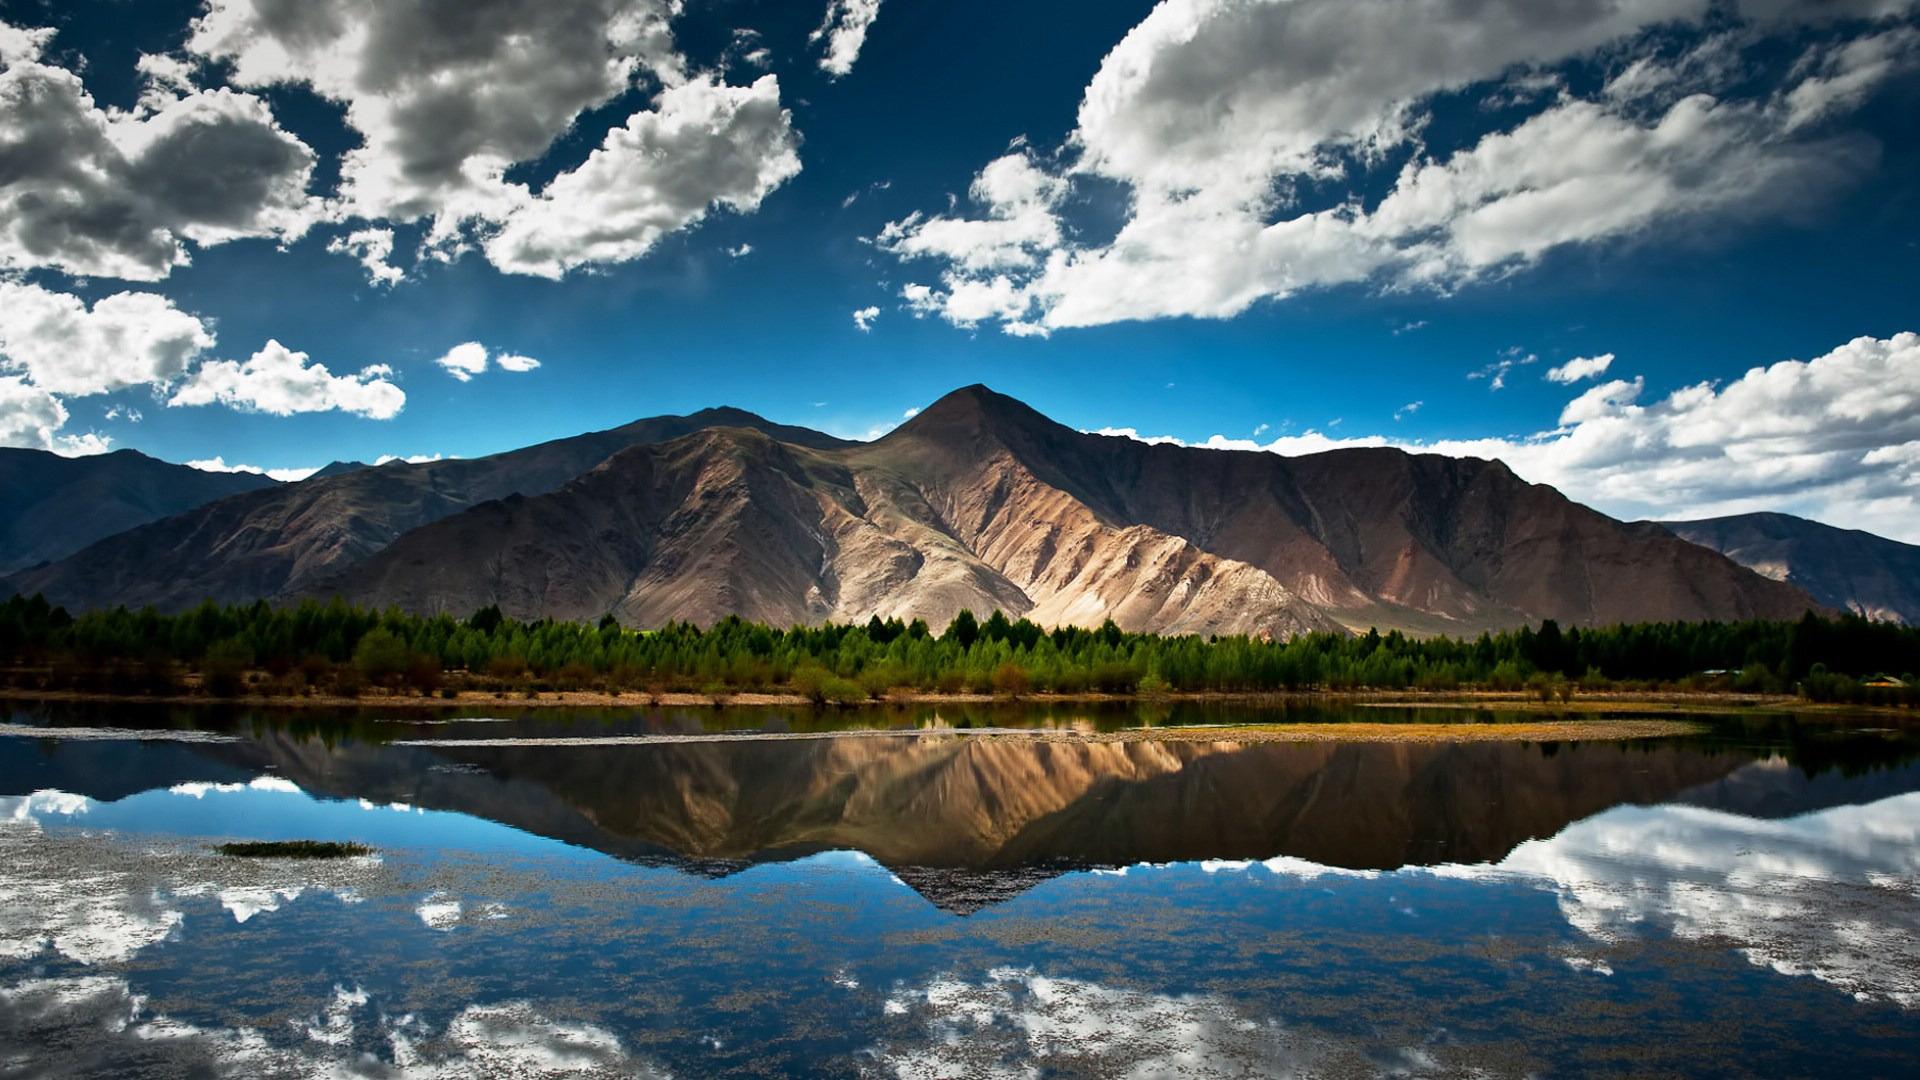 西藏是个神秘的地方,洁白的云朵,纯净的天空,稀薄的空气,连绵的雪山,安静的湖泊。